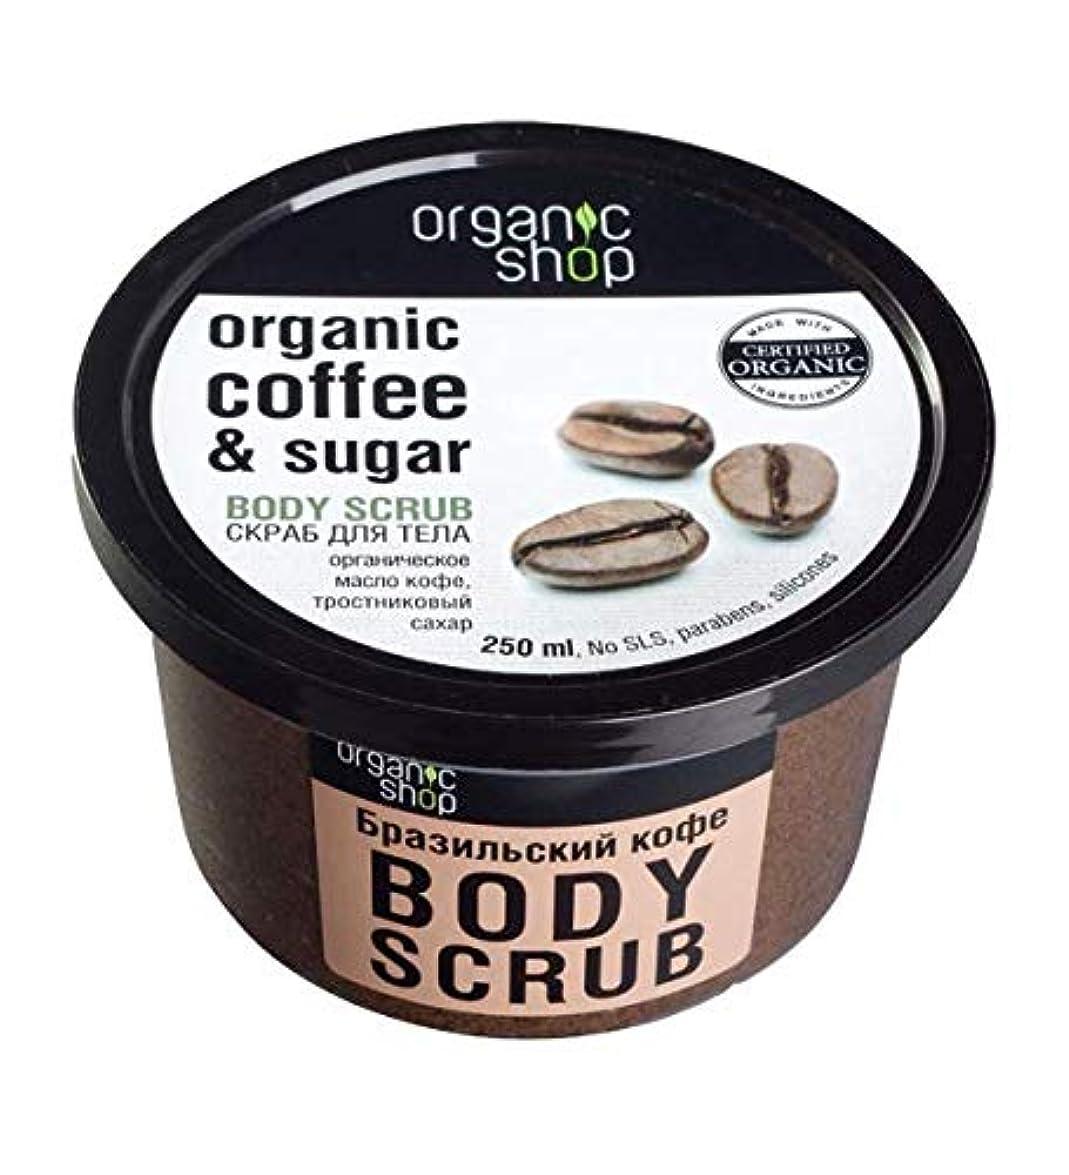 西純粋に免除【話題沸騰中】ロシア産 ORGANIC SHOP オーガニック ショップ ボディスクラブ coffee&sugar 250ml 「ブラジルコーヒー」